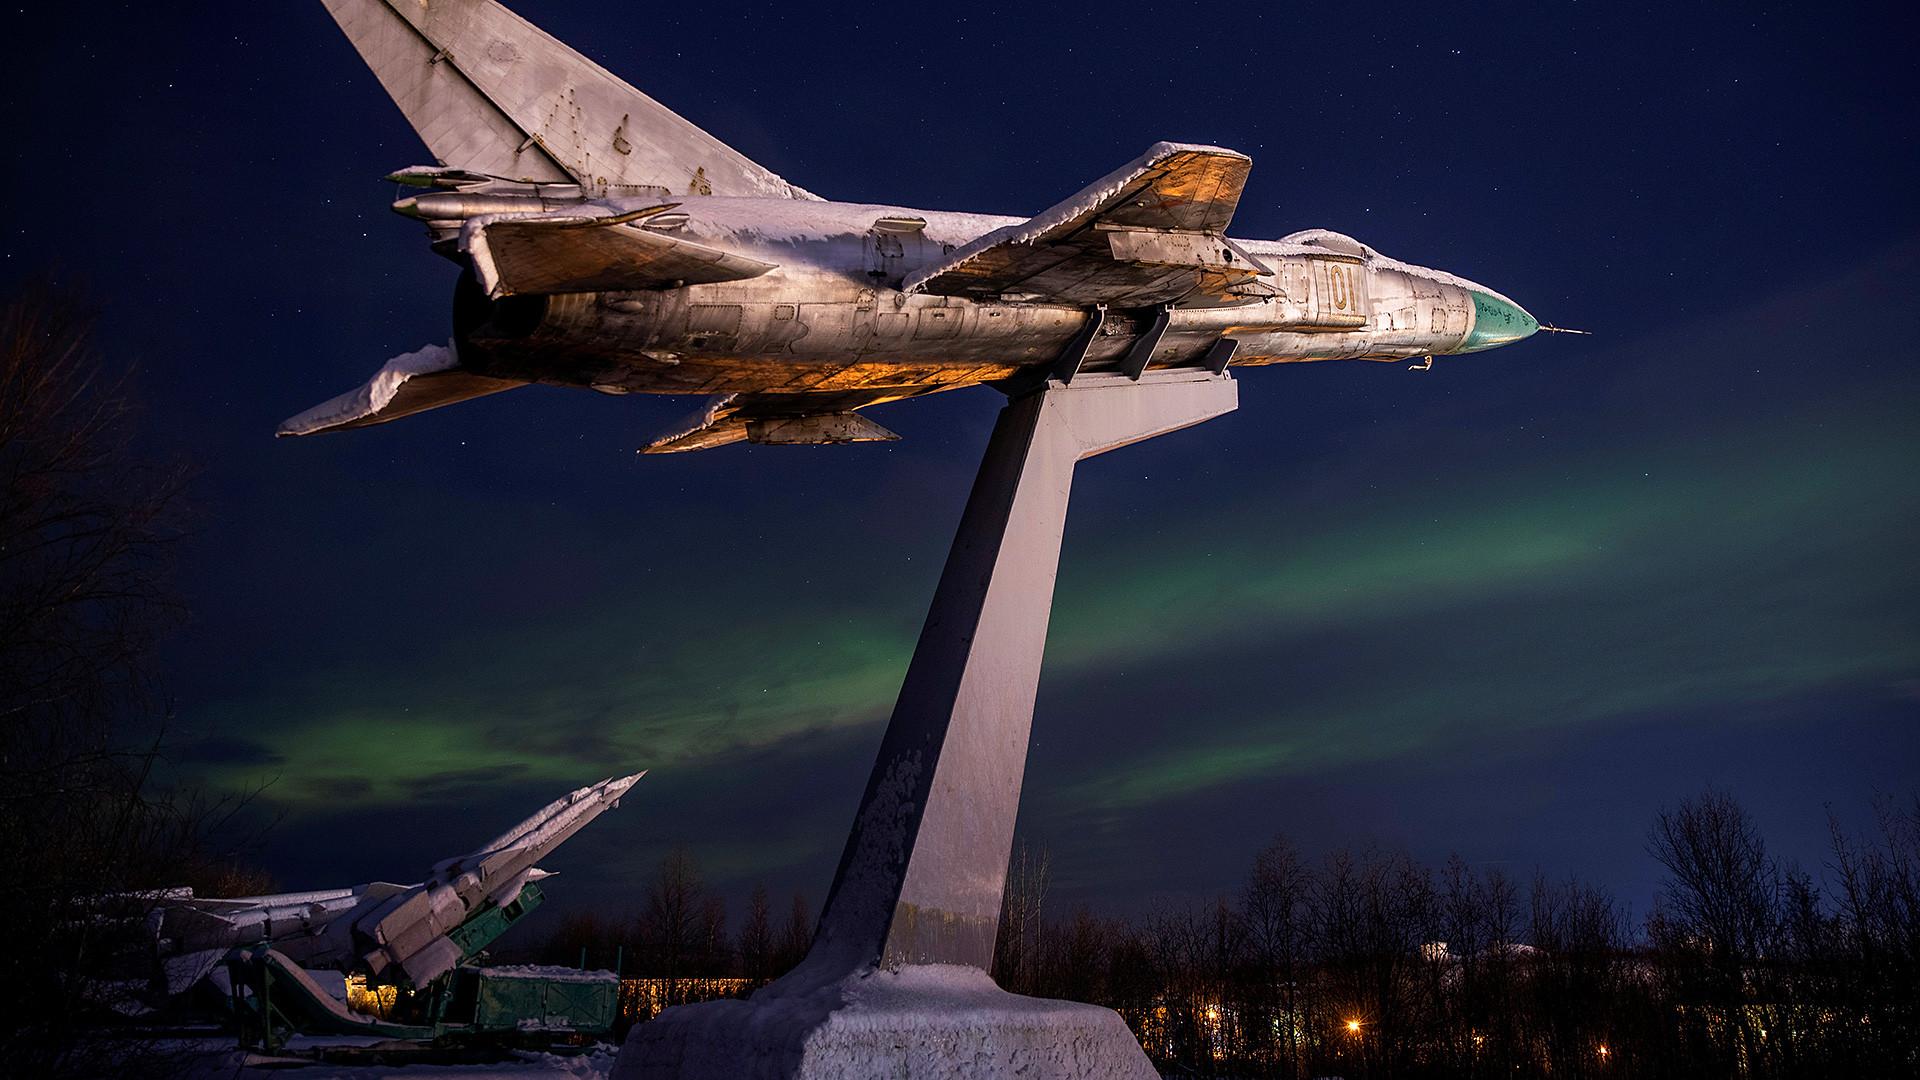 Cahaya utara di atas tugu peringatan Prajurit Korps Pertahanan Udara Pertama Abram Mys di luar Murmansk pada akhir Oktober 2019.